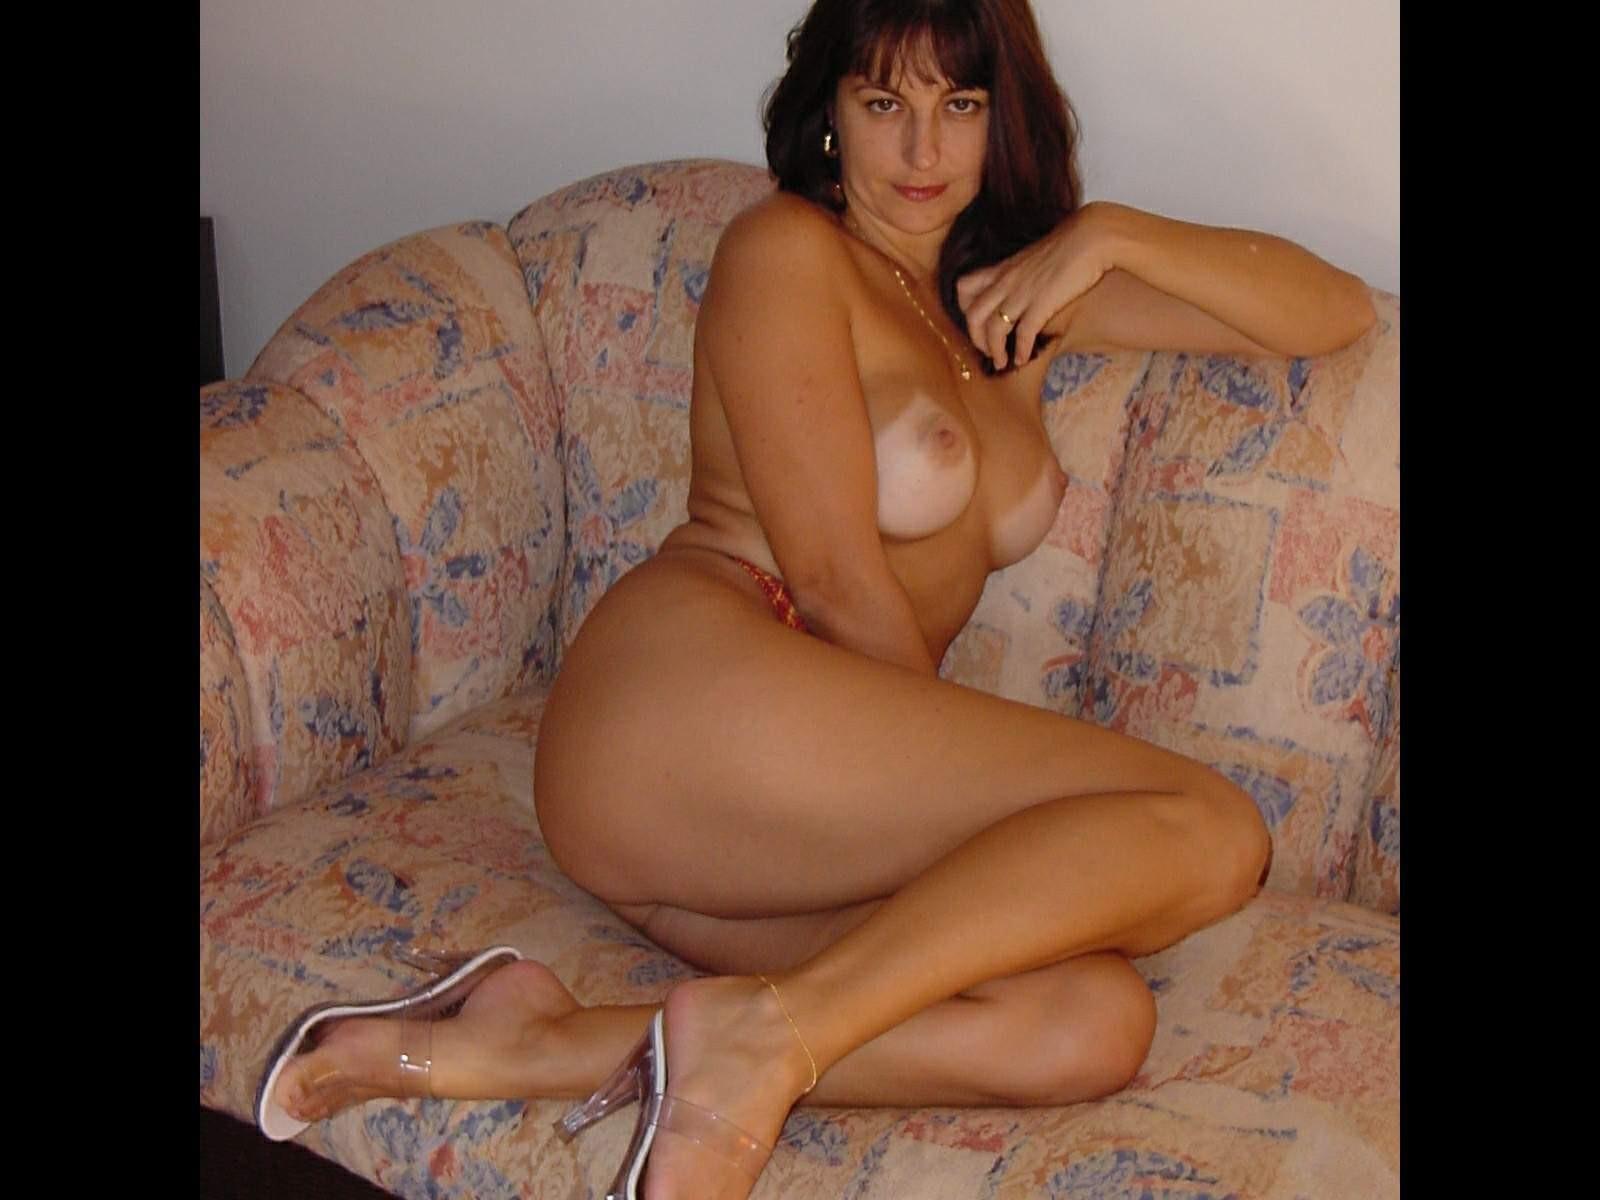 Эро фото взрослых, Голые зрелые женщины, порно фото мамочек в возрасте 13 фотография